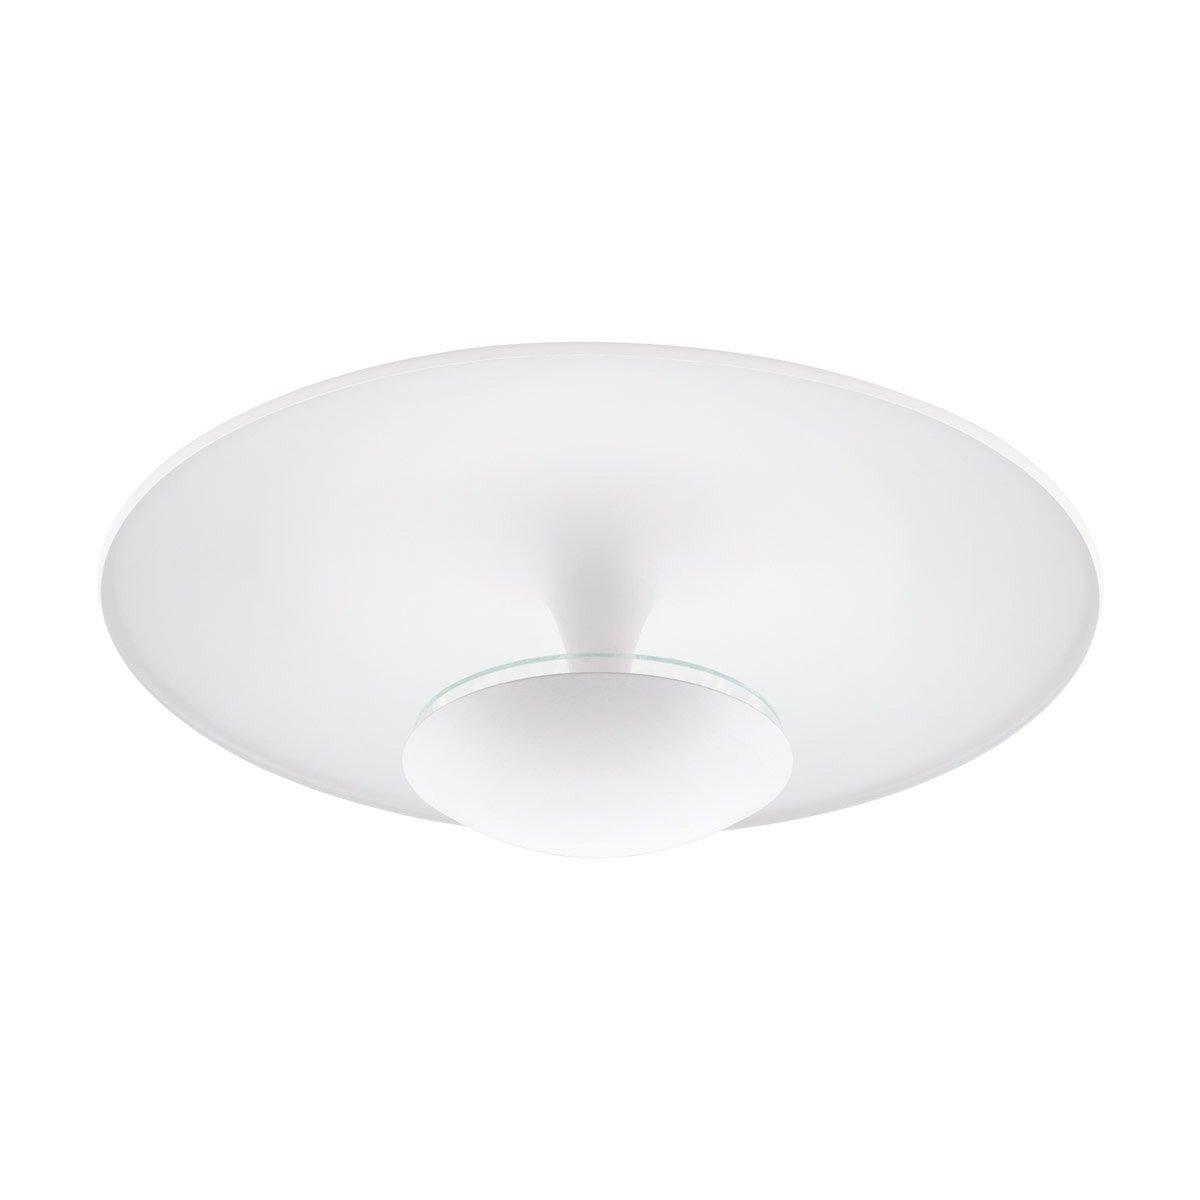 Eglo Plafondlamp Toronja Eglo 95487